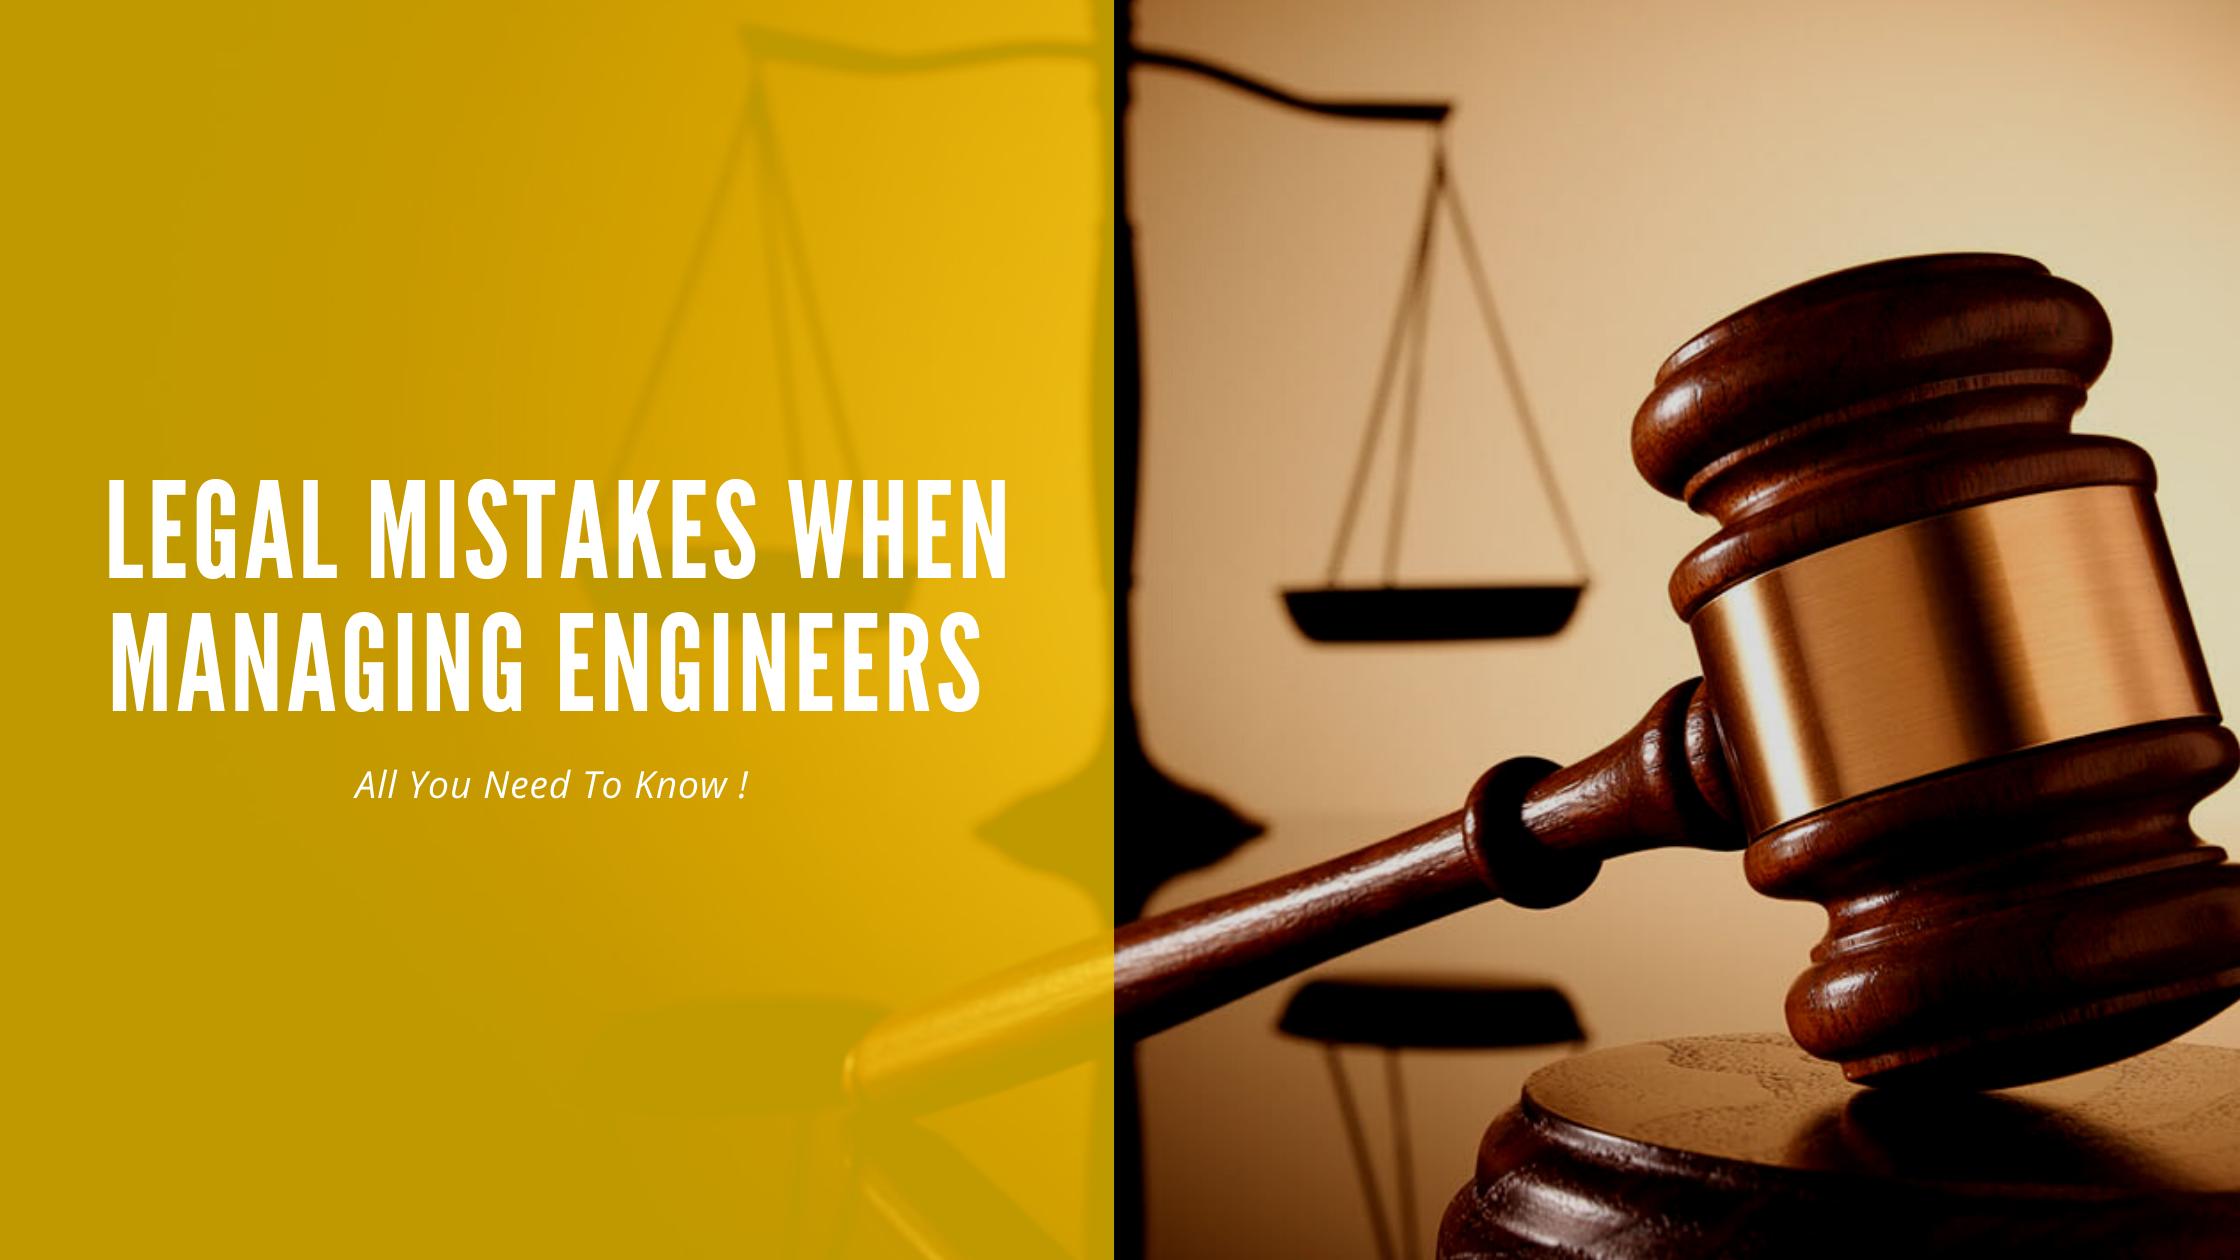 Legally handling engineers